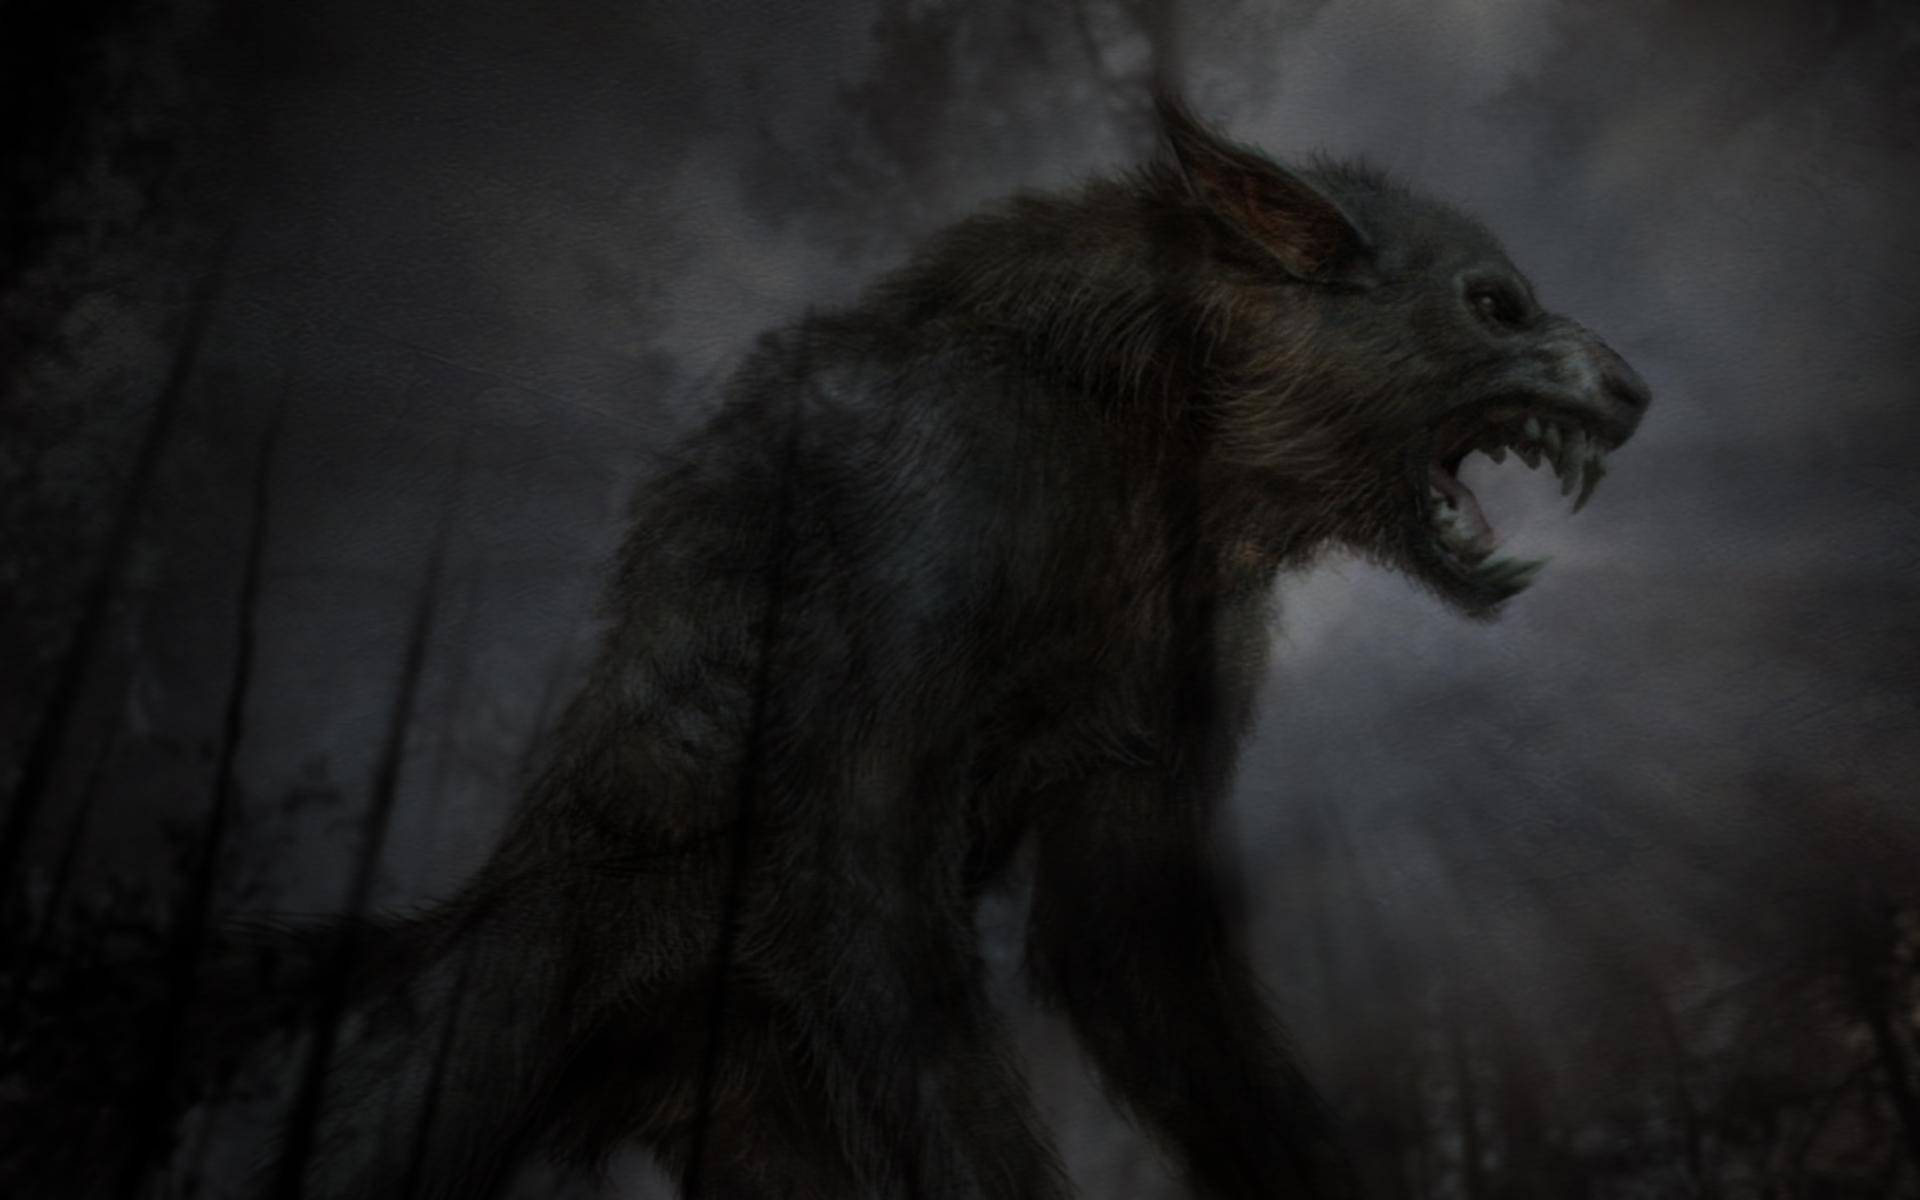 Download Beast Black Wolf HD Wallpaper 2691 Full Size 1920x1200